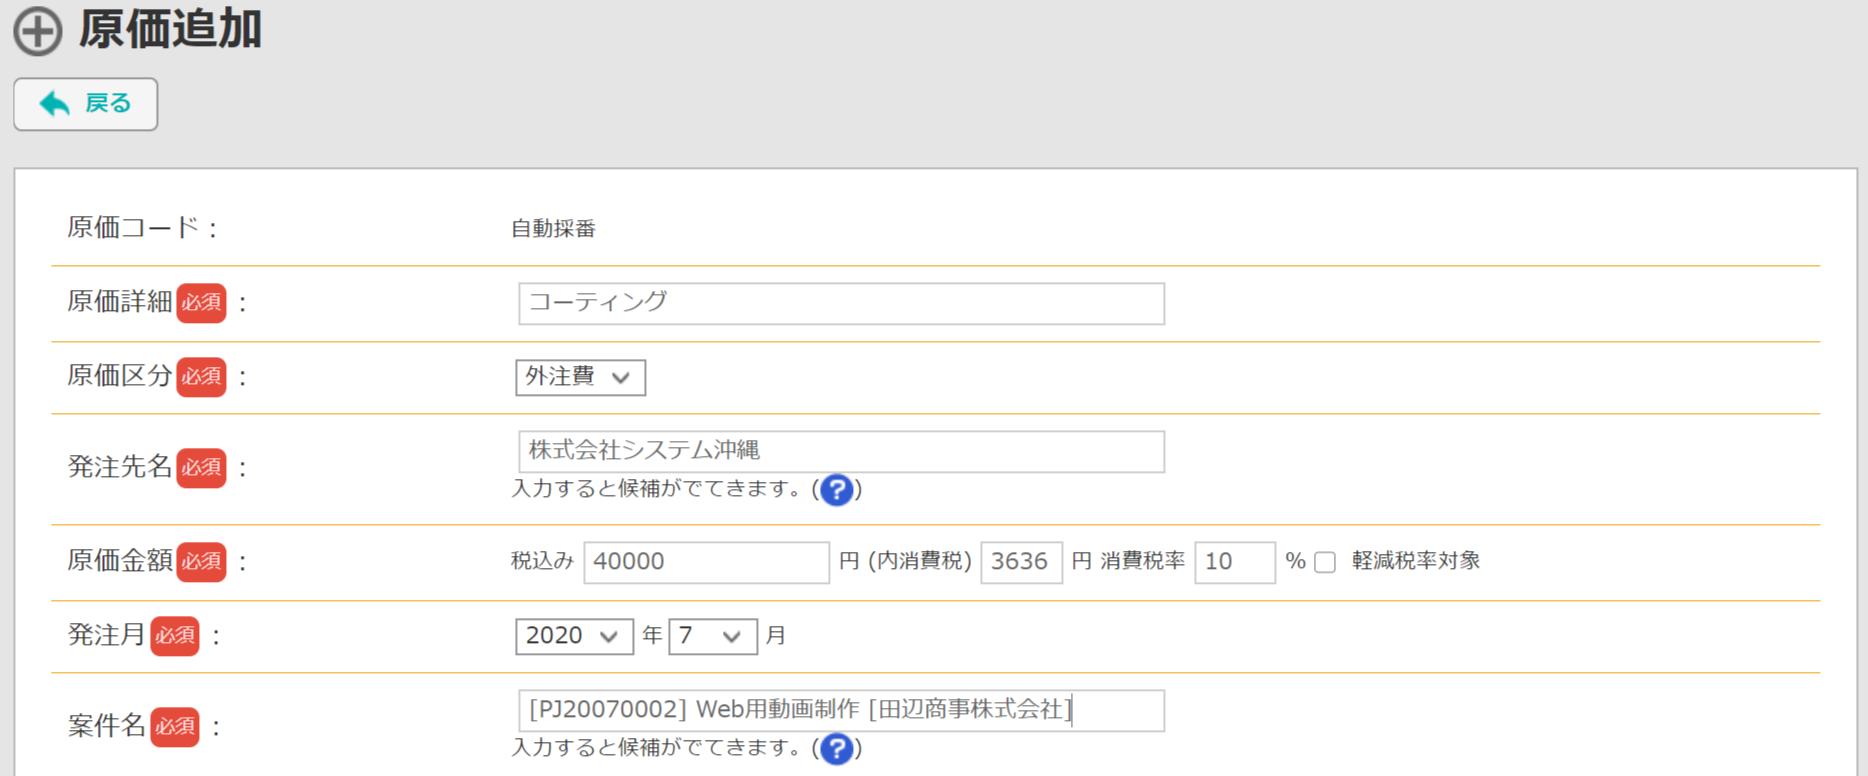 1つの売上に対して複数の原価情報の登録が可能